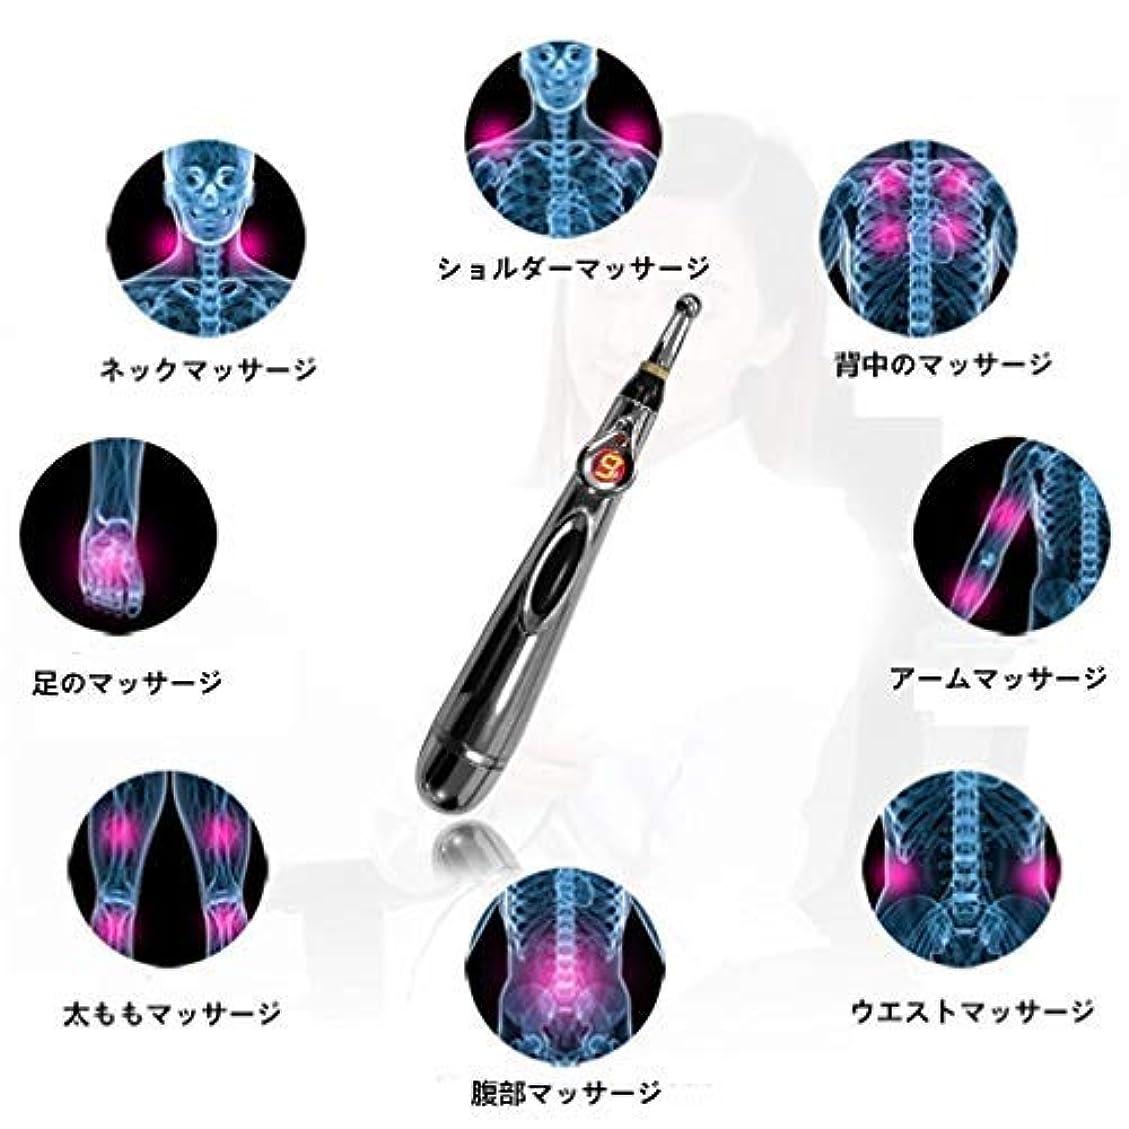 どこにでも起こりやすいよりY-Yuns アキュポイント マッサージペン押し ペン型マッサージ 電気鍼治療ポイントボディヘッドショルダーマッサージャー電子子午線エネルギーペン